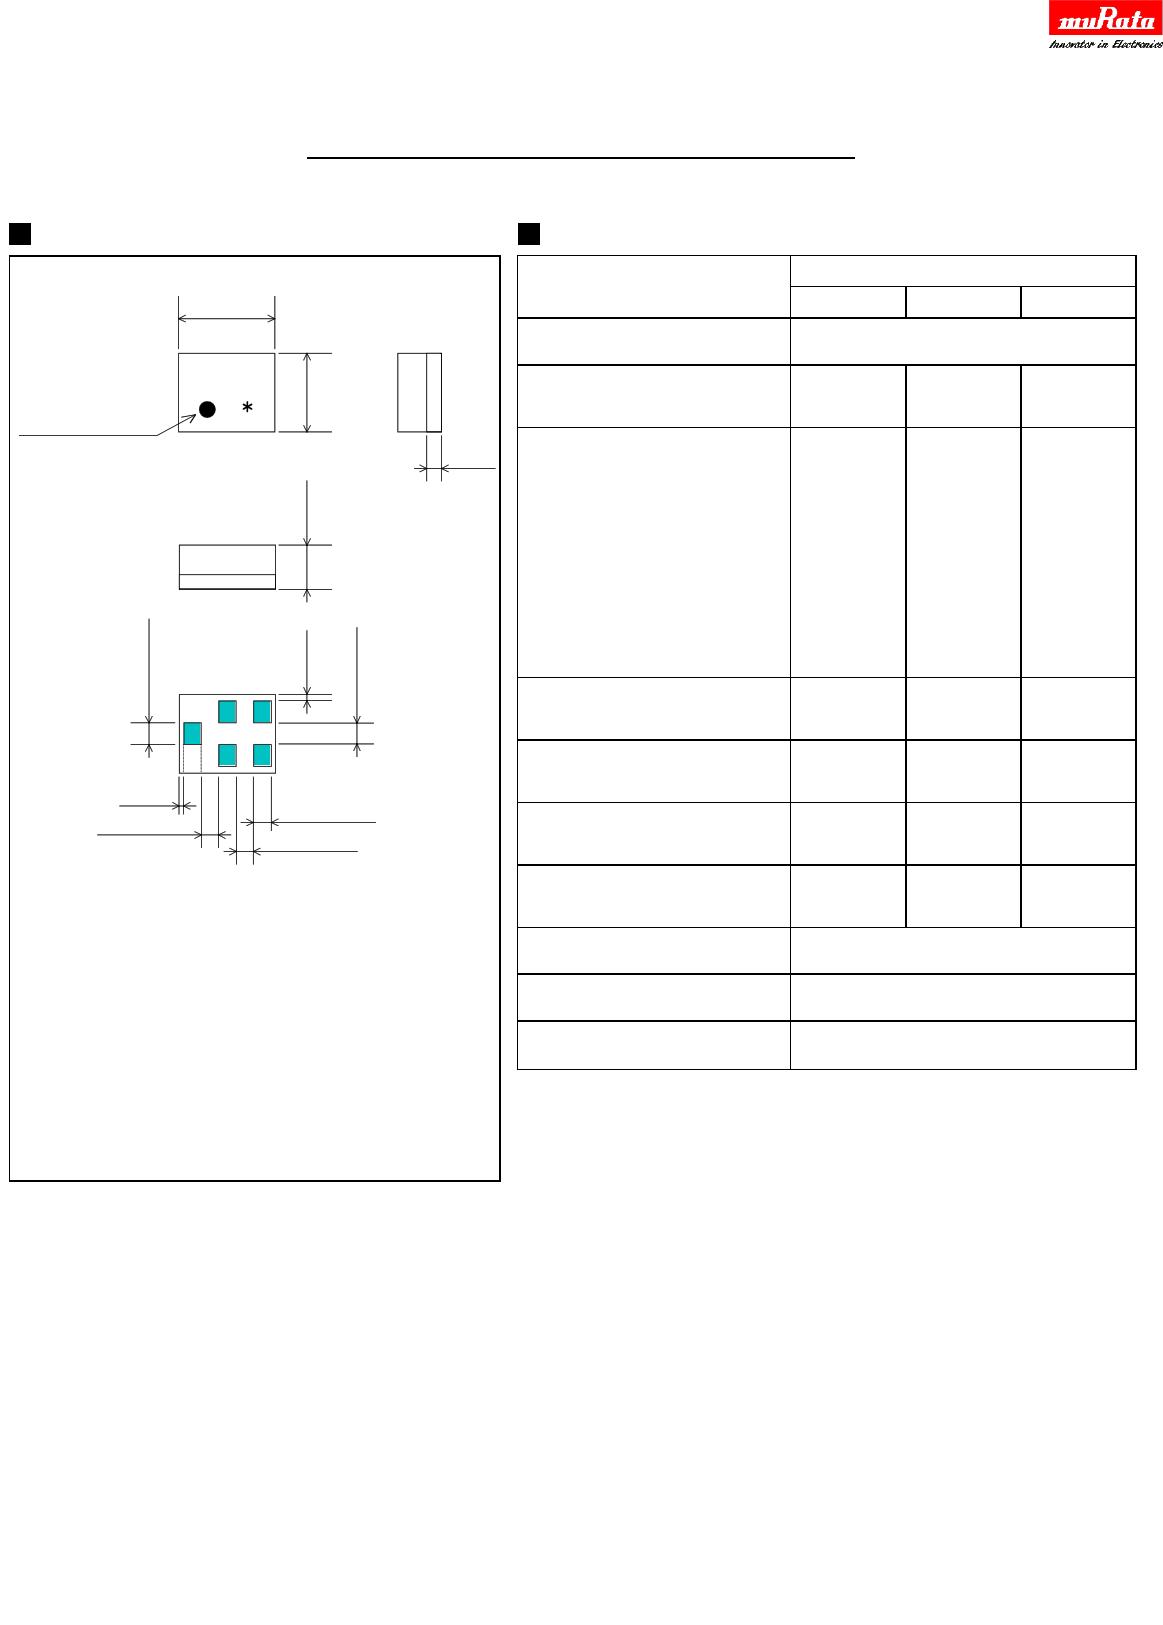 SAFFB1G50FL0F0A 데이터시트 및 SAFFB1G50FL0F0A PDF